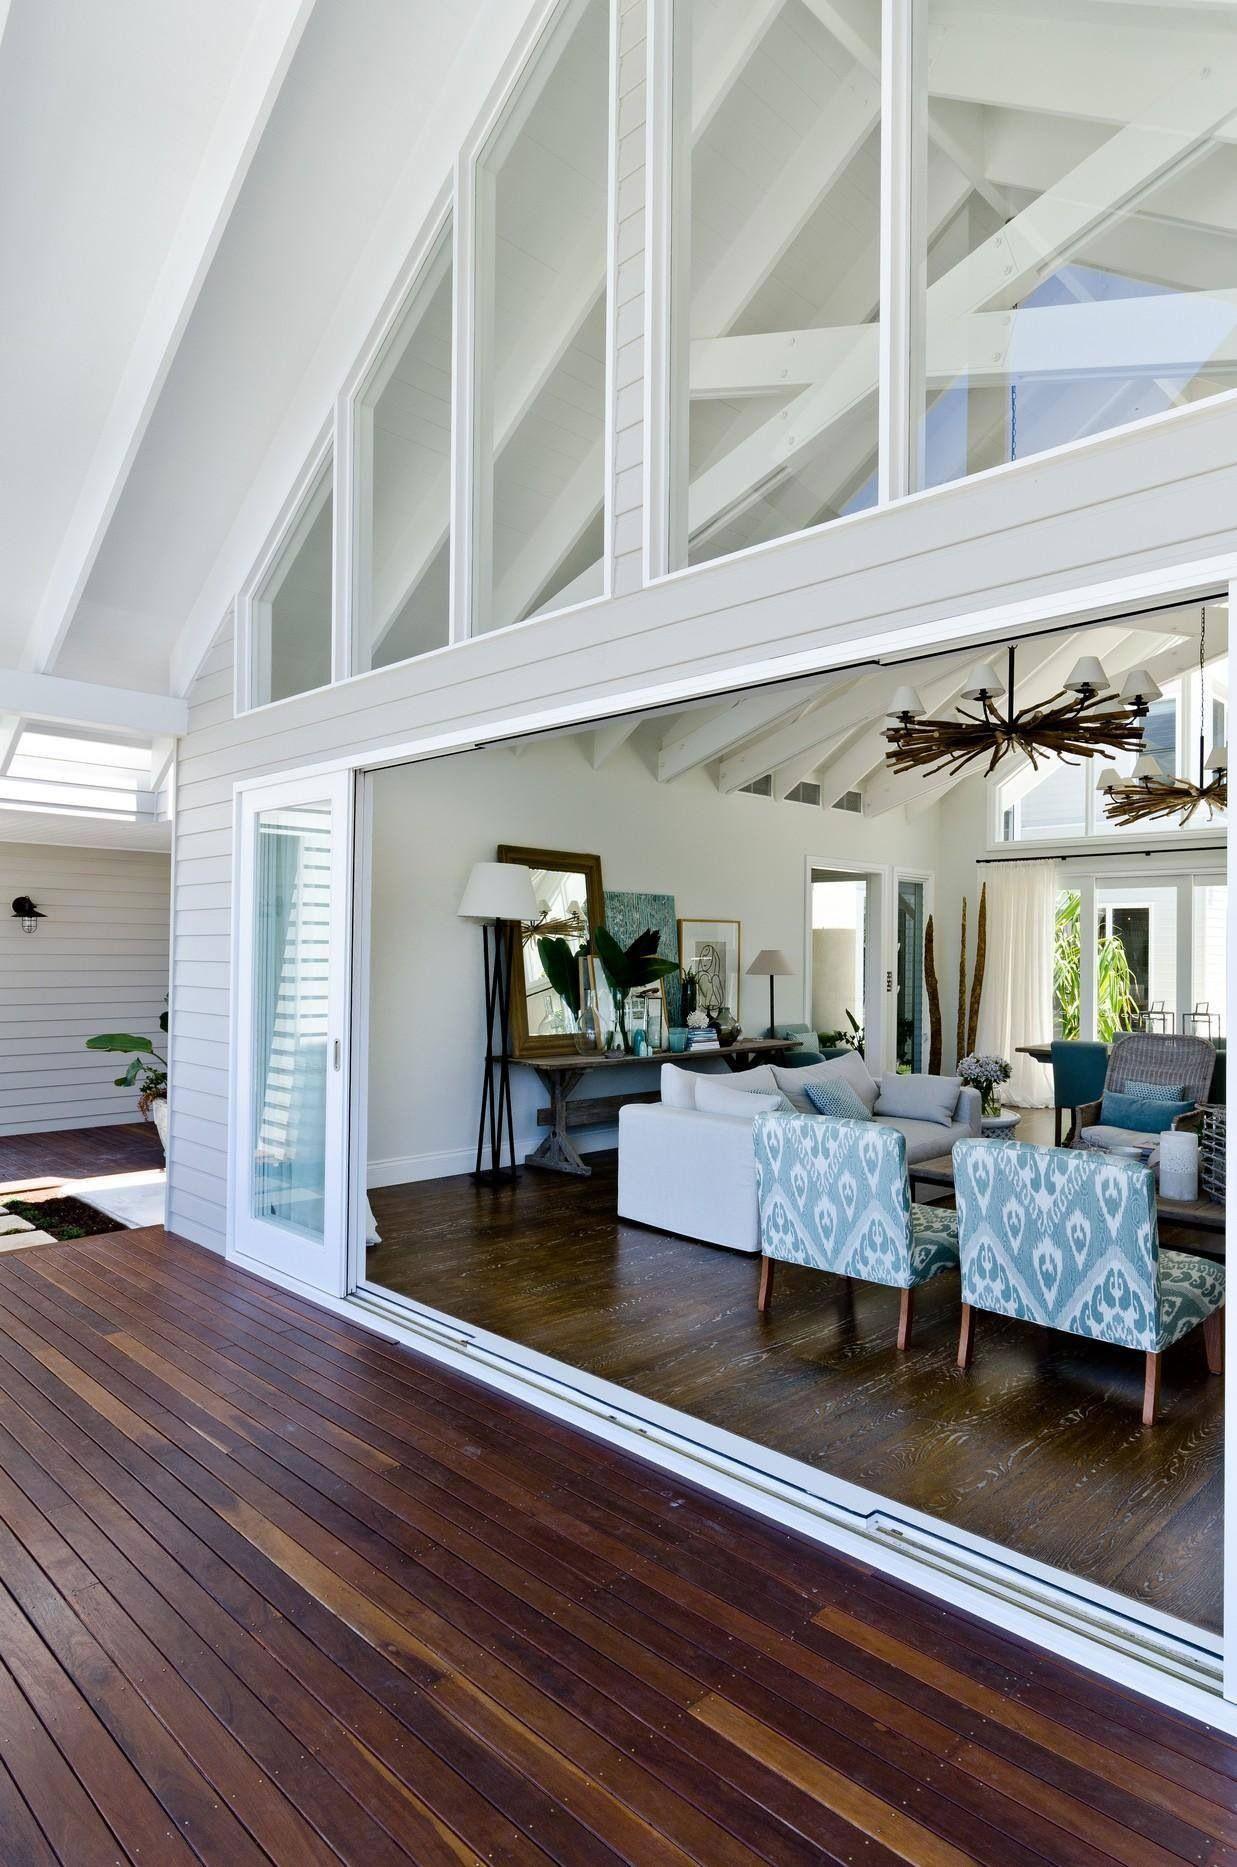 Pin de Rebecca Wager en Deck Dreaming | Pinterest | Casas modulares ...